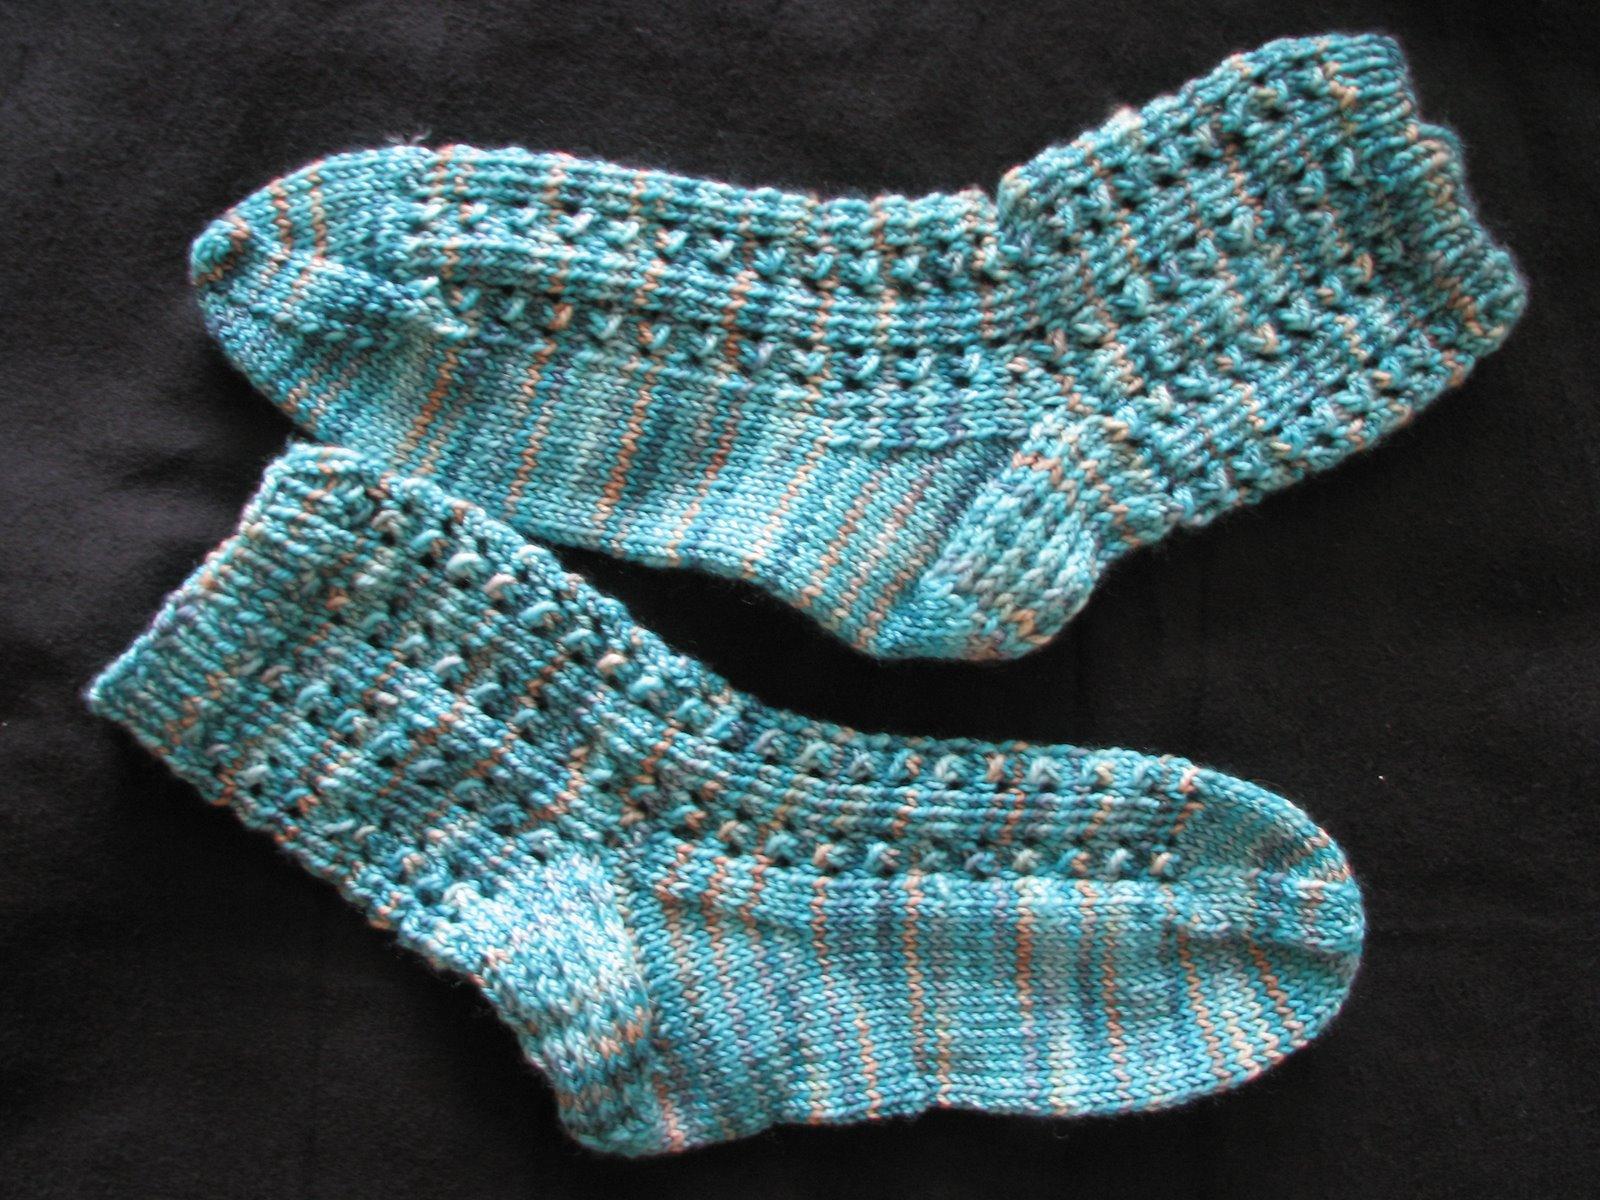 [socks.JPG]